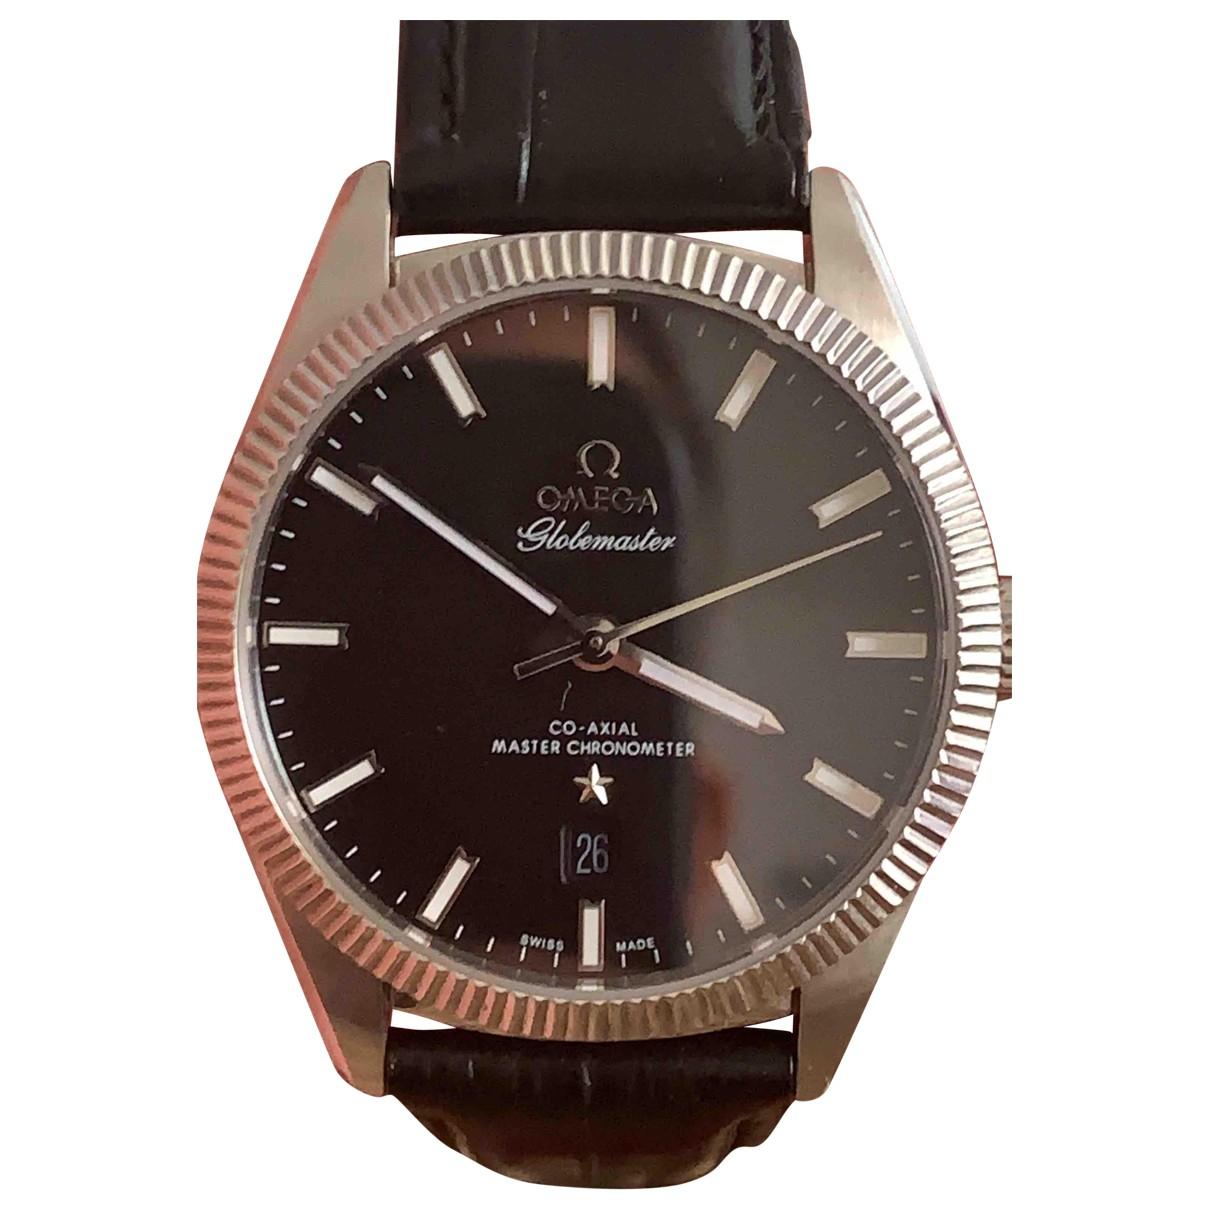 Omega \N Uhr in  Schwarz Stahl